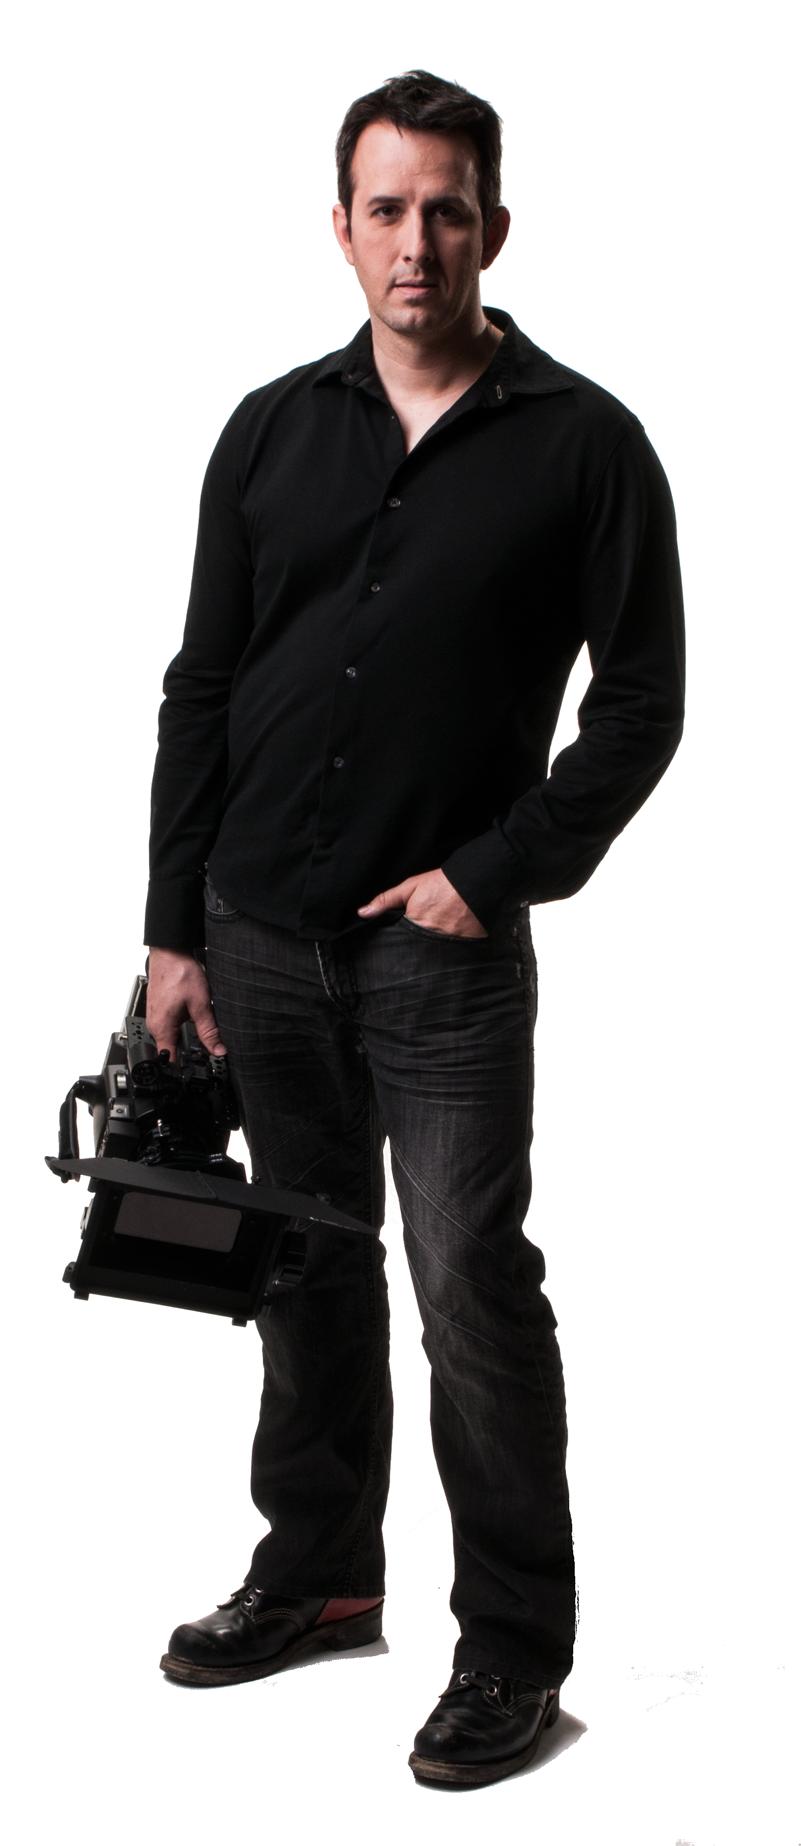 Richard Duquette Directeur de la photographie